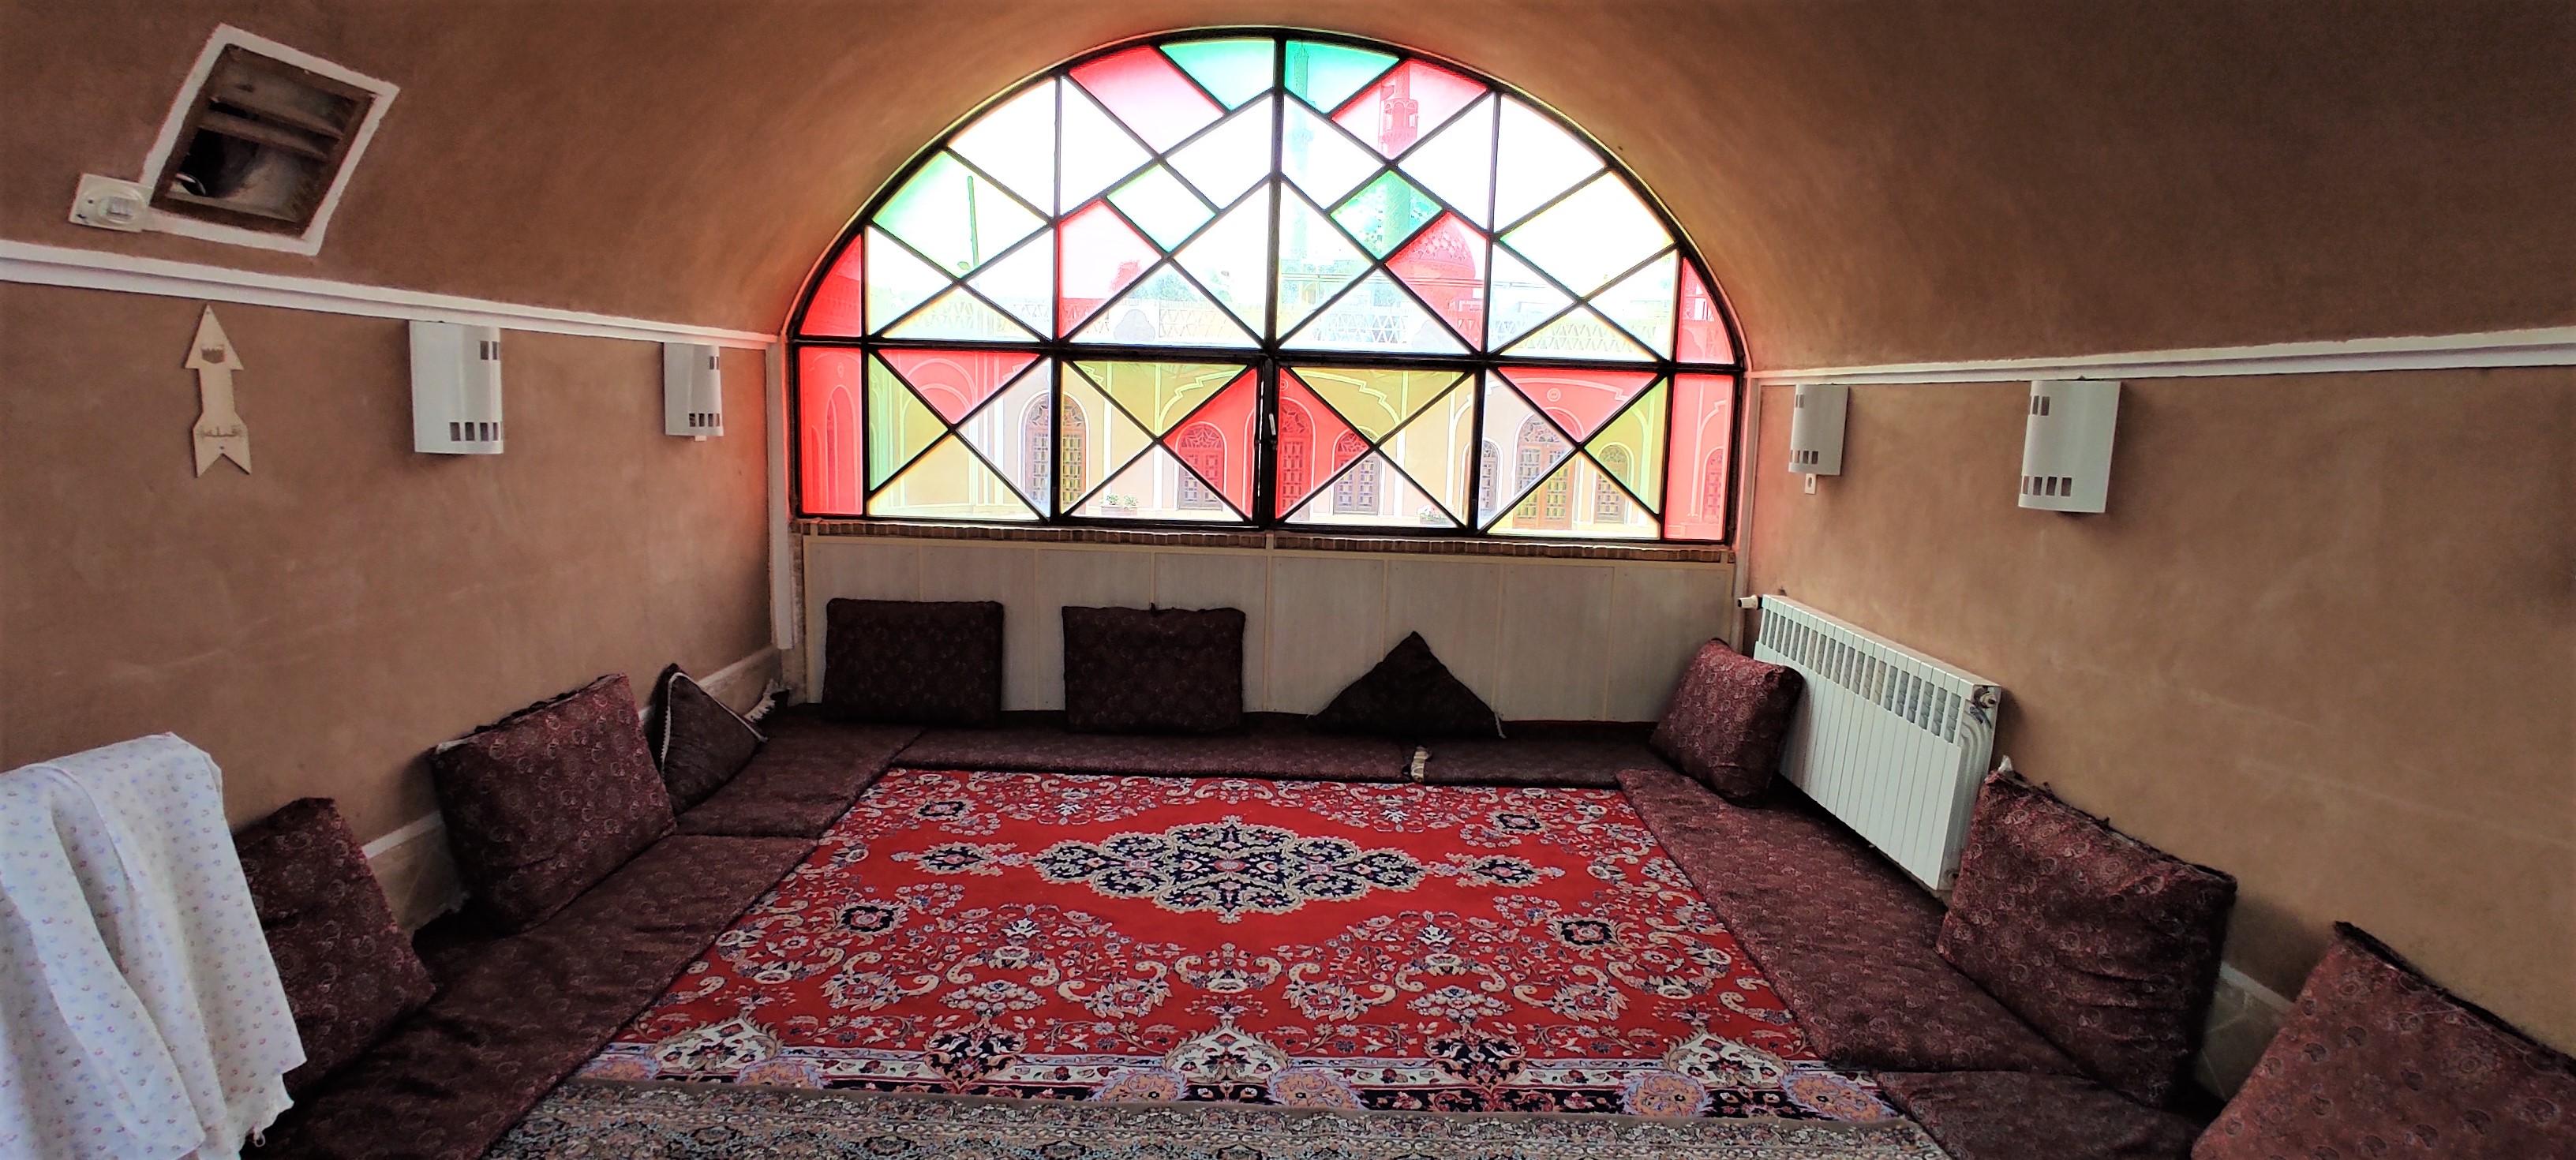 شهری کاروانسرا سنتی در مصلی یزد - 207